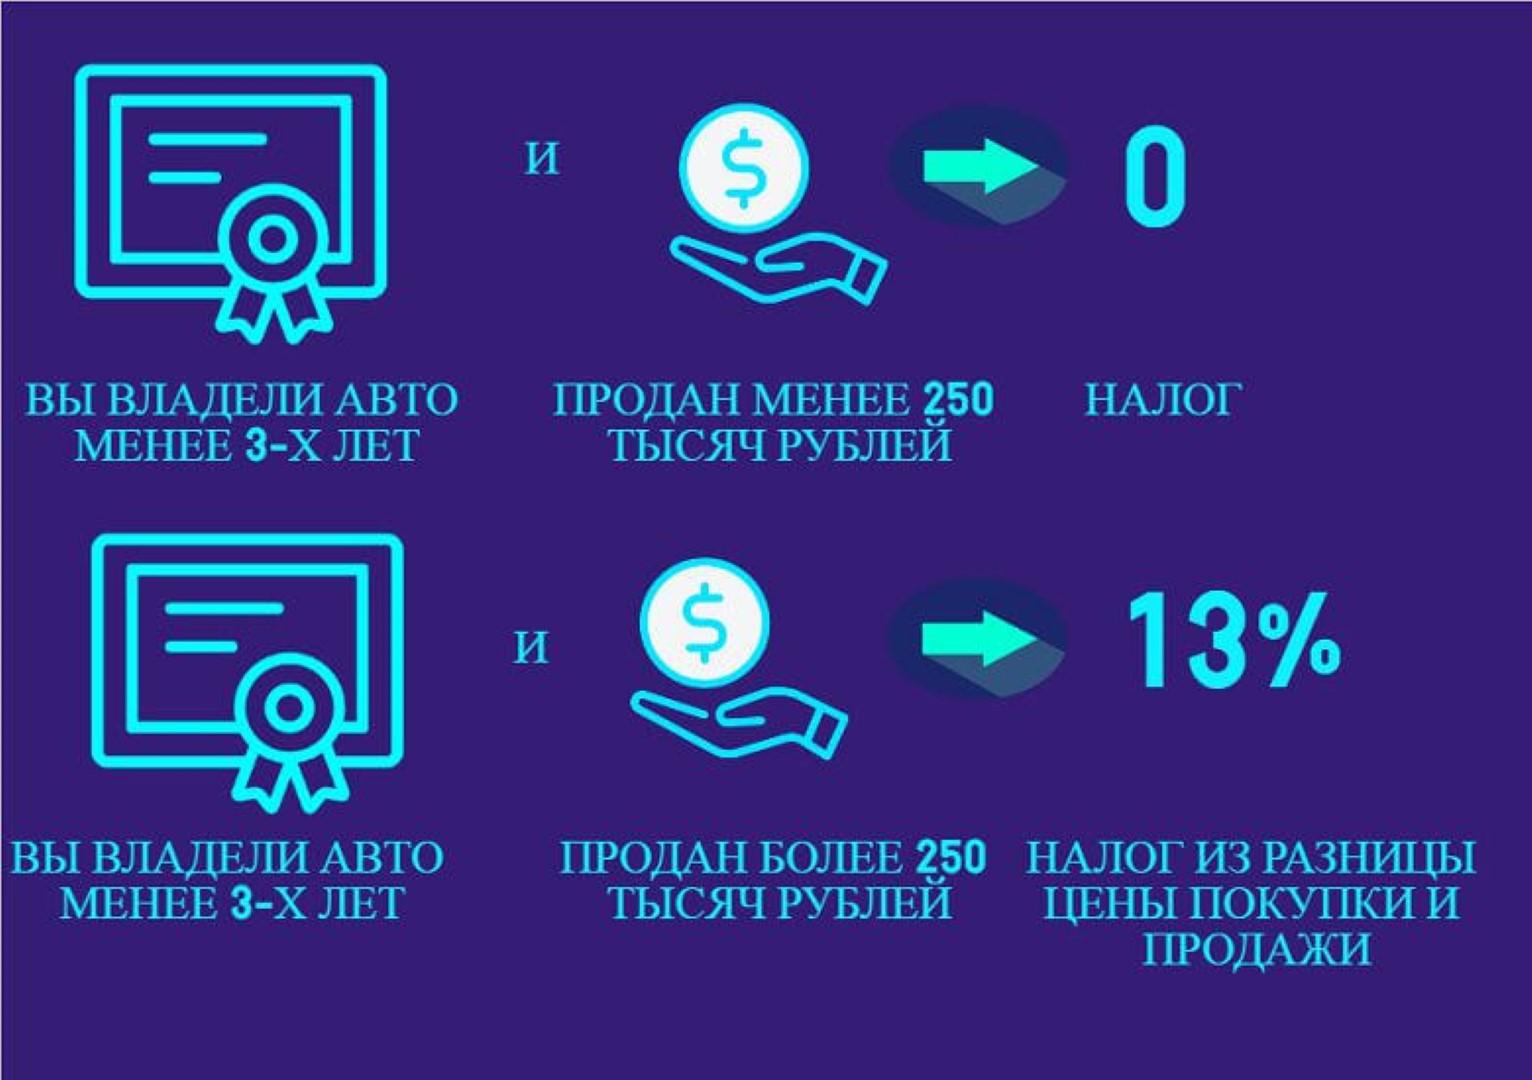 Налог с продажи автомобиля, полученного по наследству: примеры расчета